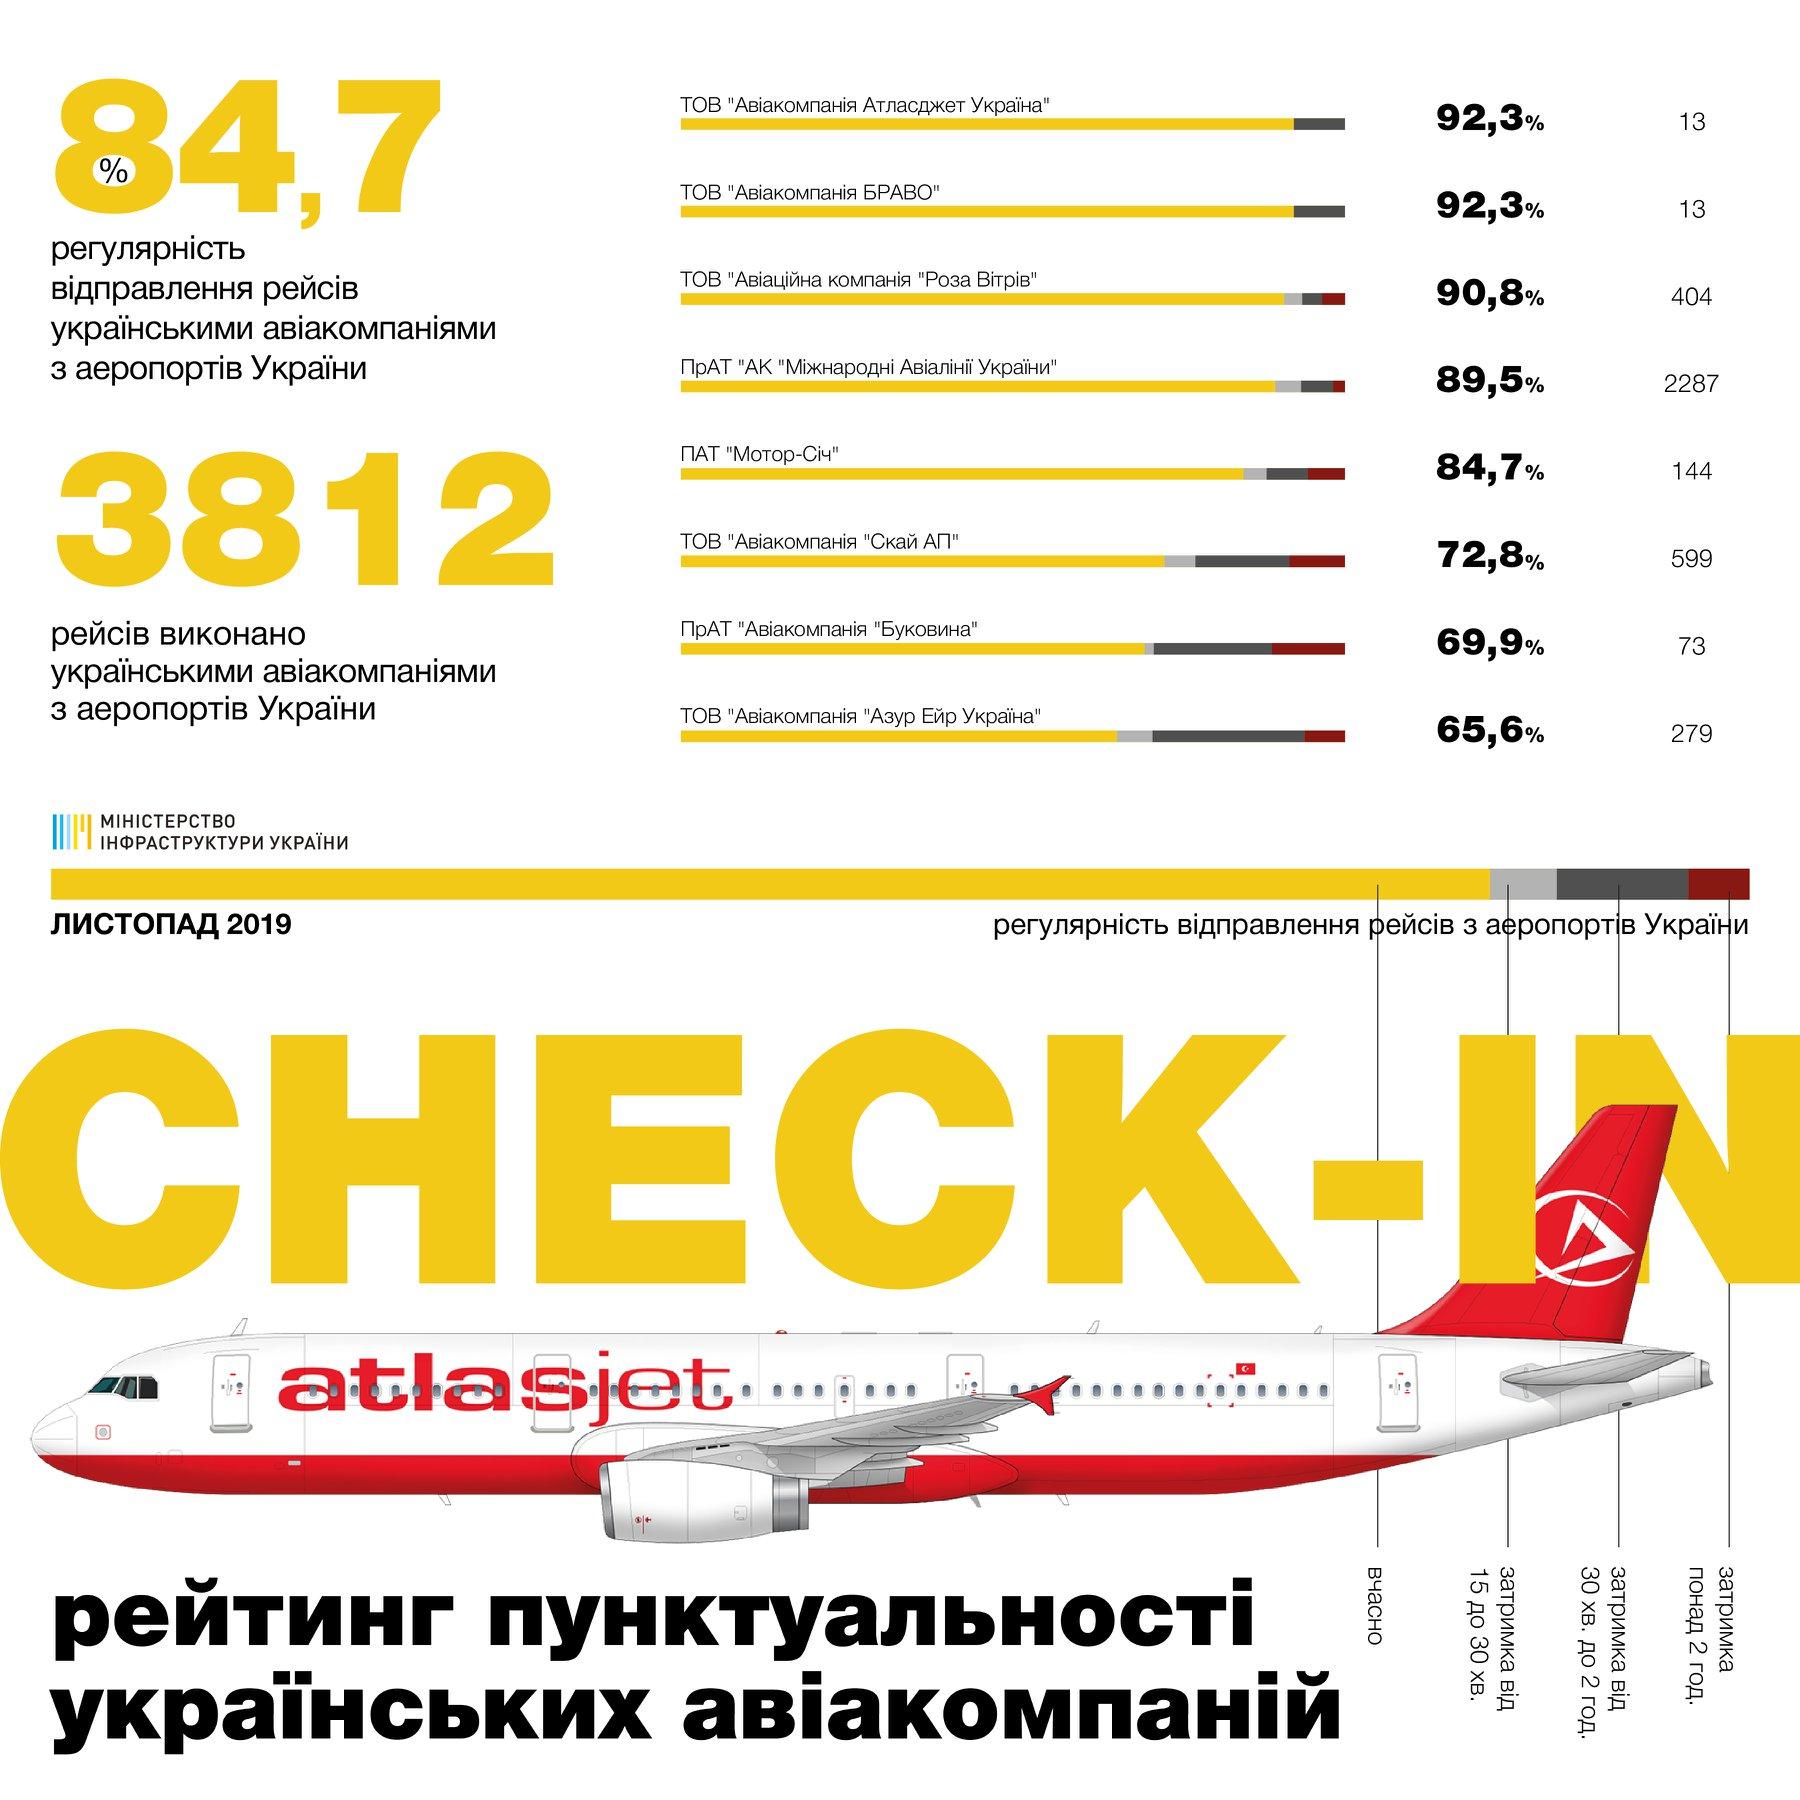 Статистика пунктуальности украинских авиакомпаний в ноябре 2019 года: